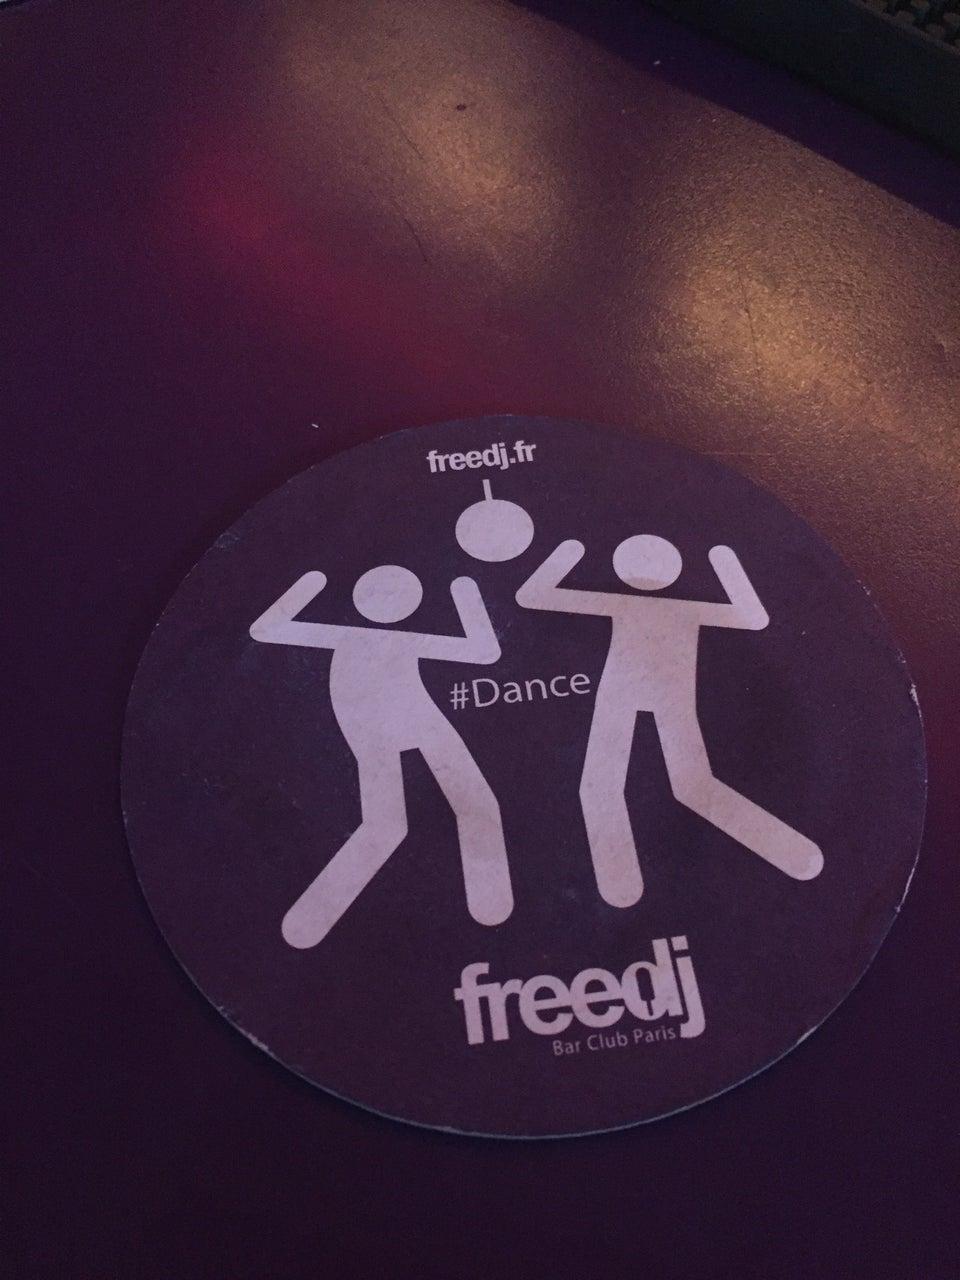 Photo of Freedj